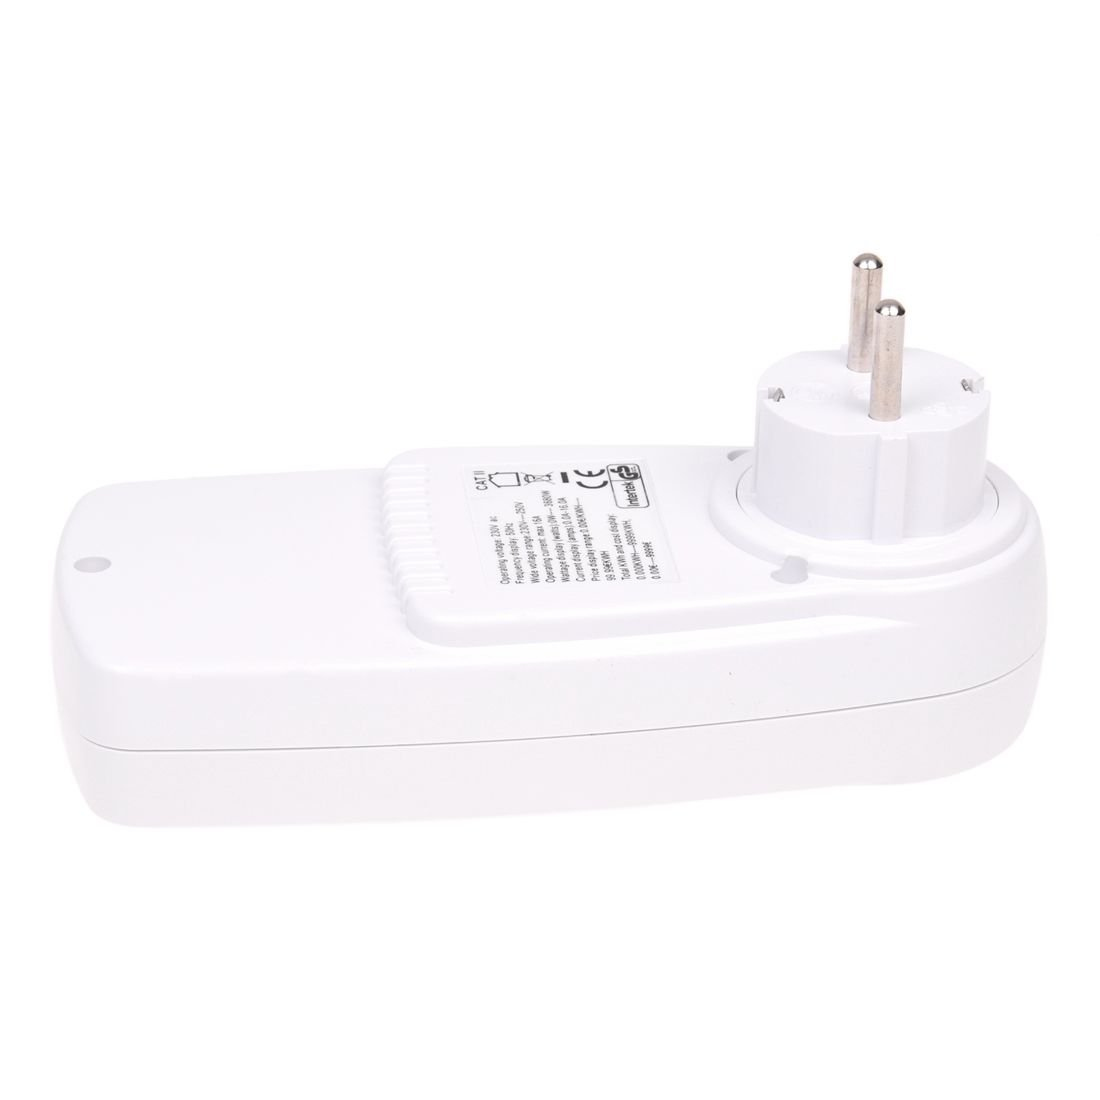 WOVELOT Compteur Electrique Courant Compteur de consommation Watt Tension Ampere